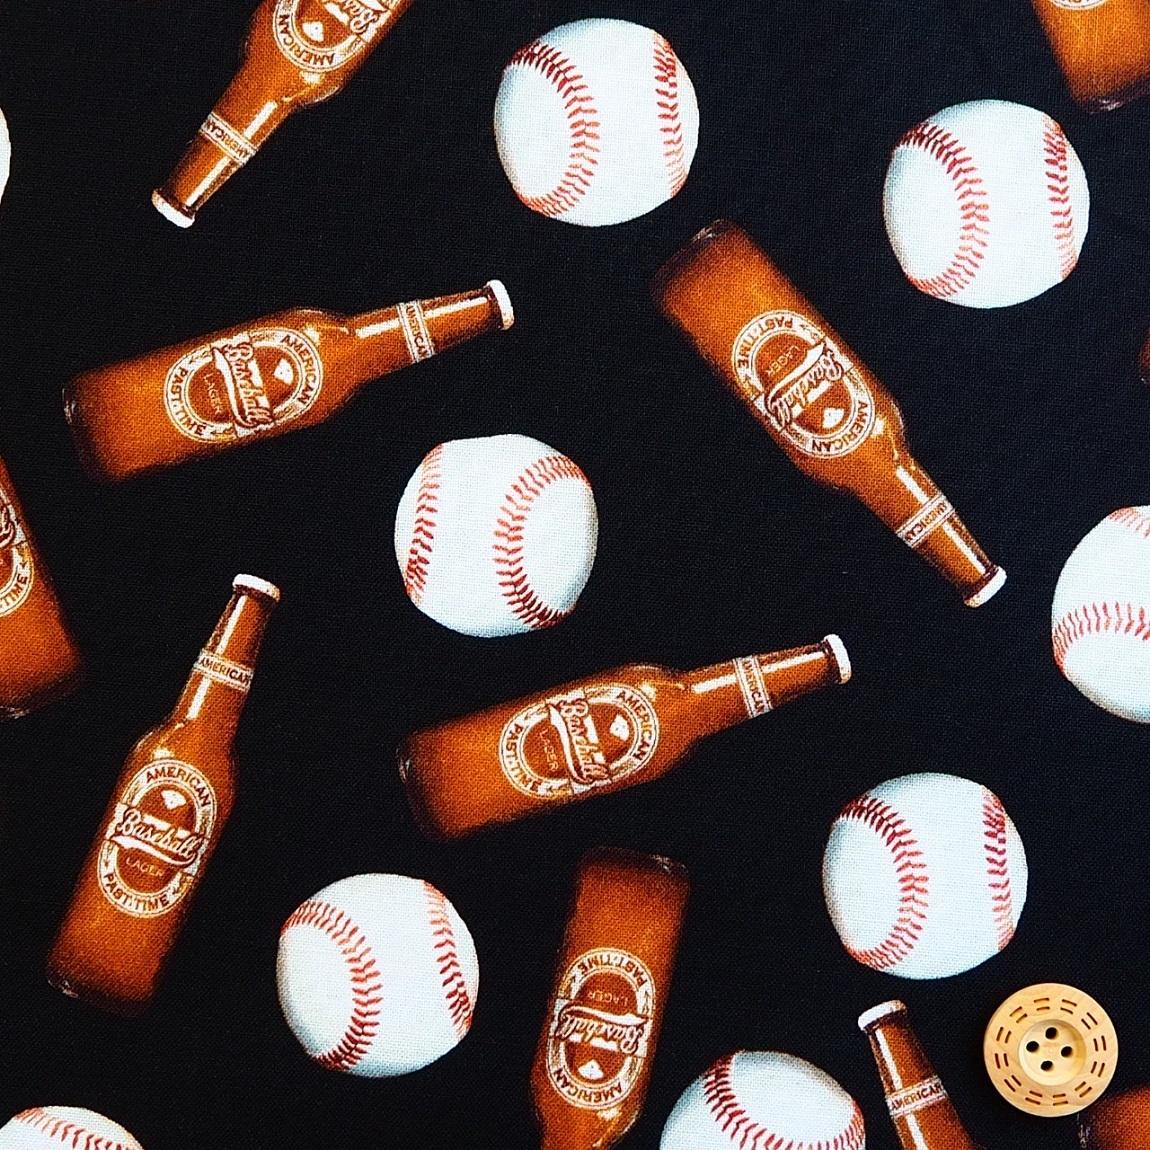 <title>USAコットン 生地 布 ベースボール ビア One of a Kind ワン オブ ア カインド WINDAHM FABRICS ウィンダムファブリックス 輸入 50276D-X 正規品 個性的 野球ボールと瓶ビール 商用利用可能</title>